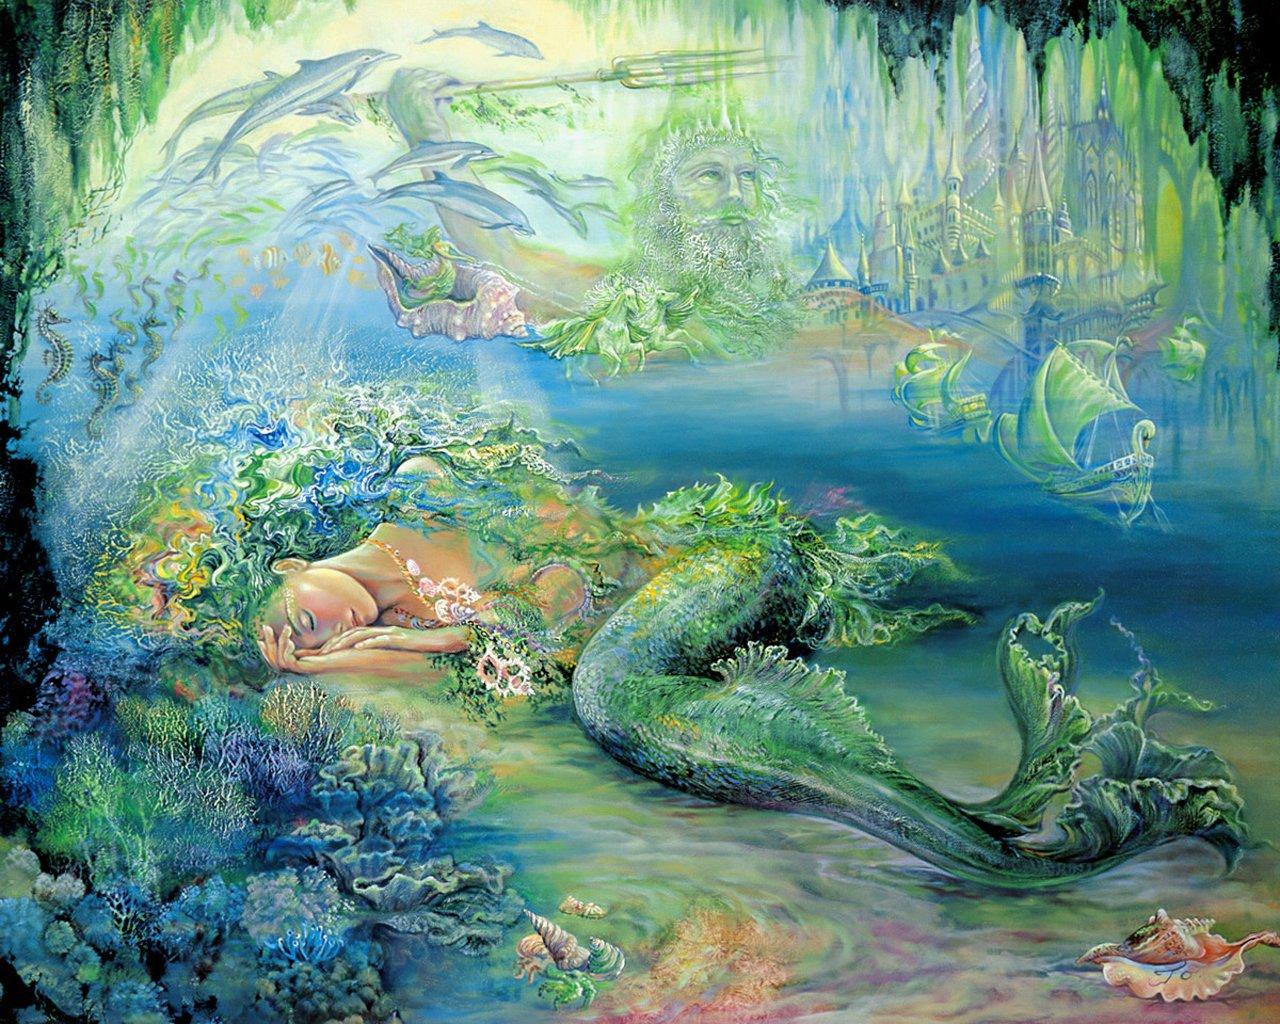 Fantasy_wallpapers_pictures_screensavers__art_drawing_paintings_dreams_atlantis